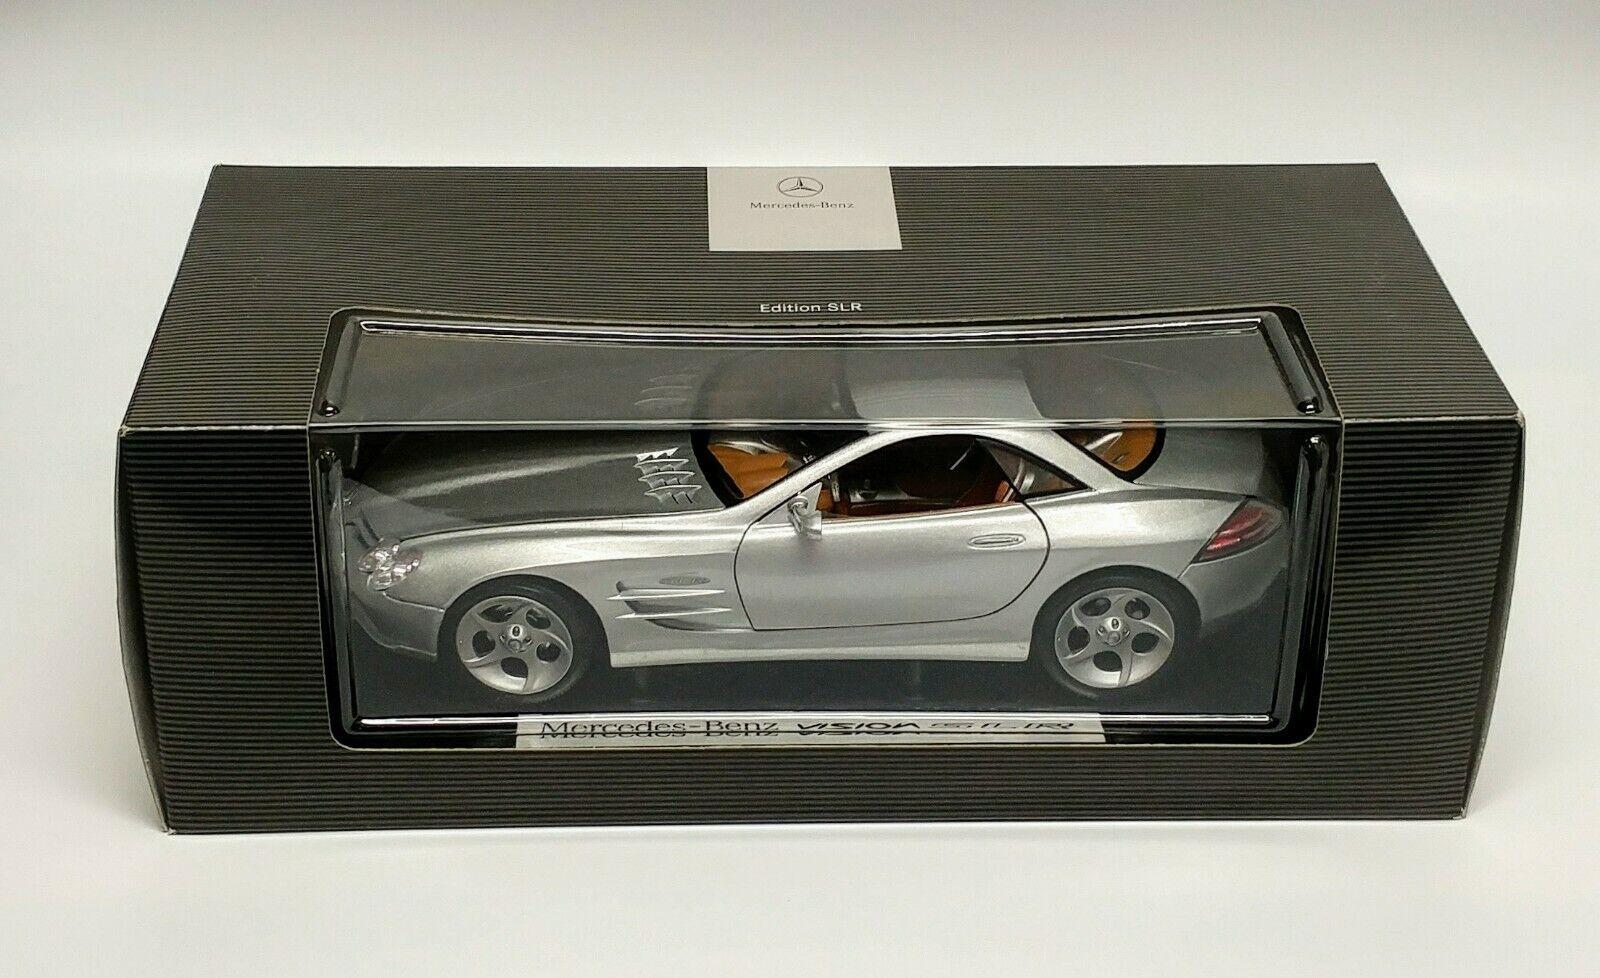 rivenditori online 1 18 1999 Mercedes Benz Vision SLR SLR SLR Concept Coupe Dealer scatola edizione by Maisto  vendita di offerte